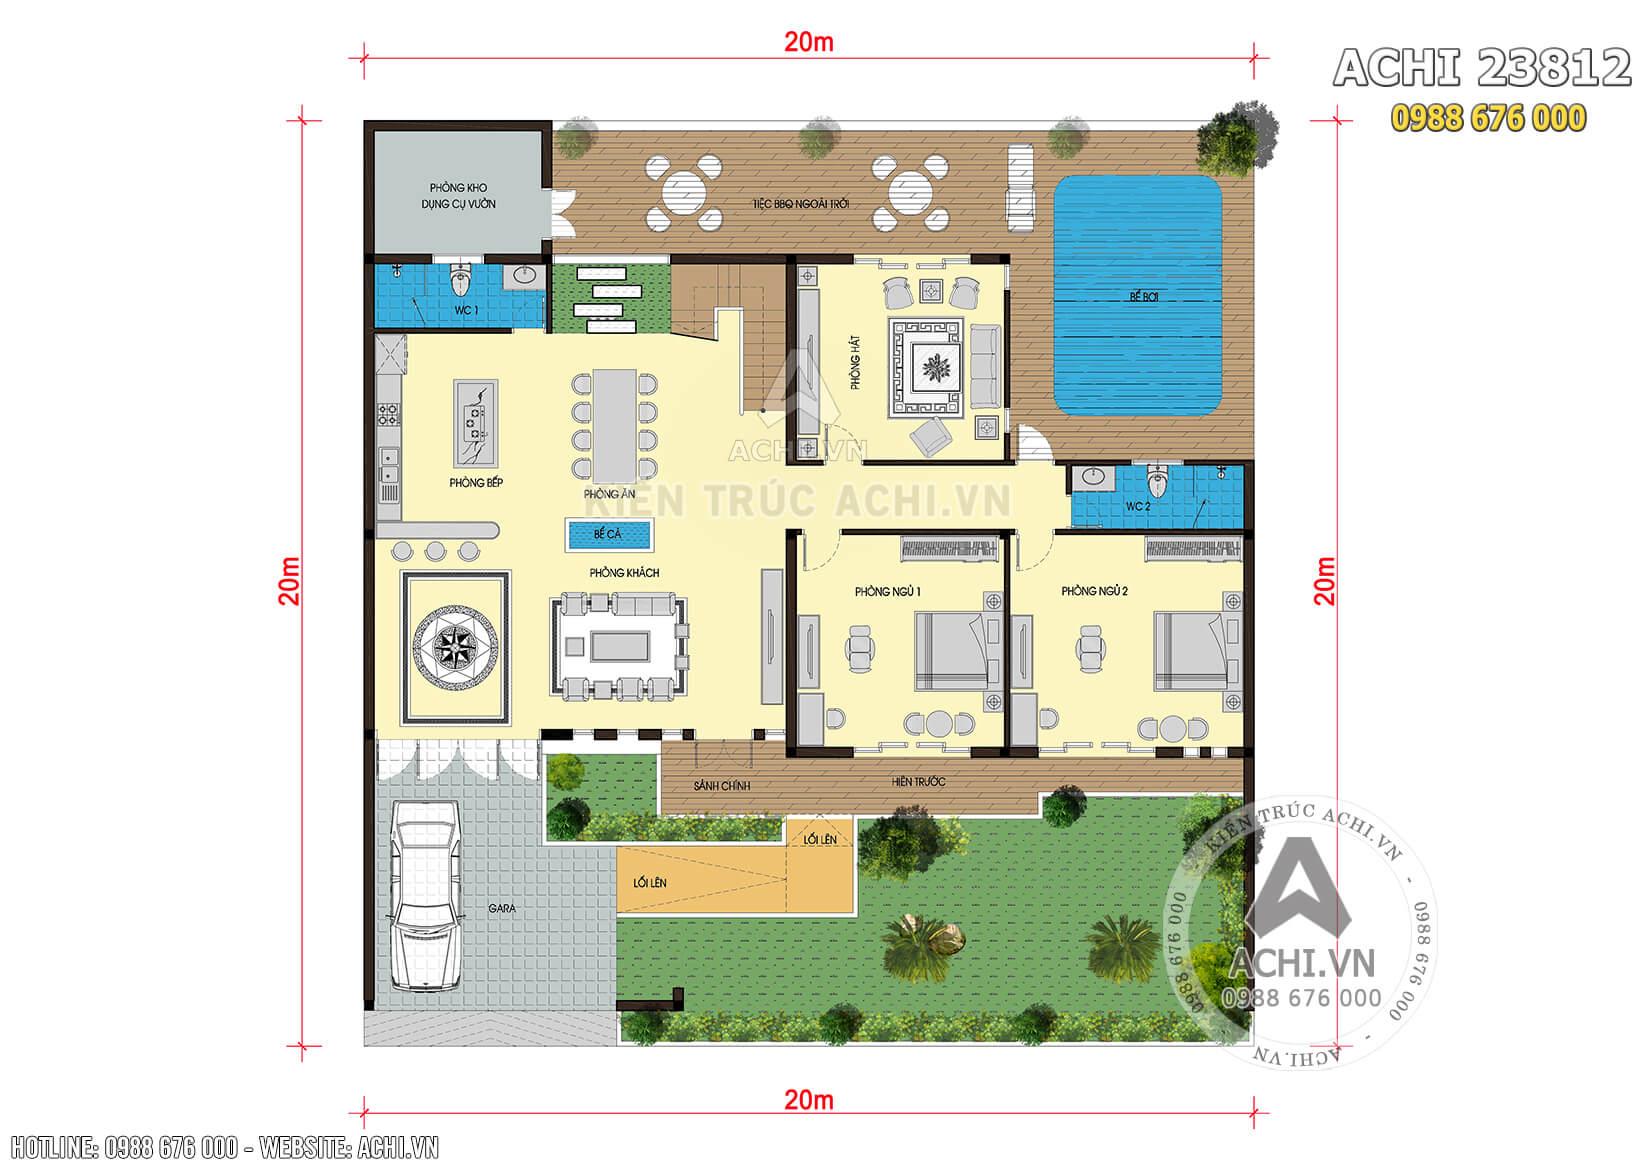 Tổng mặt bằng của mẫu biệt thự 2 tầng hiện đại